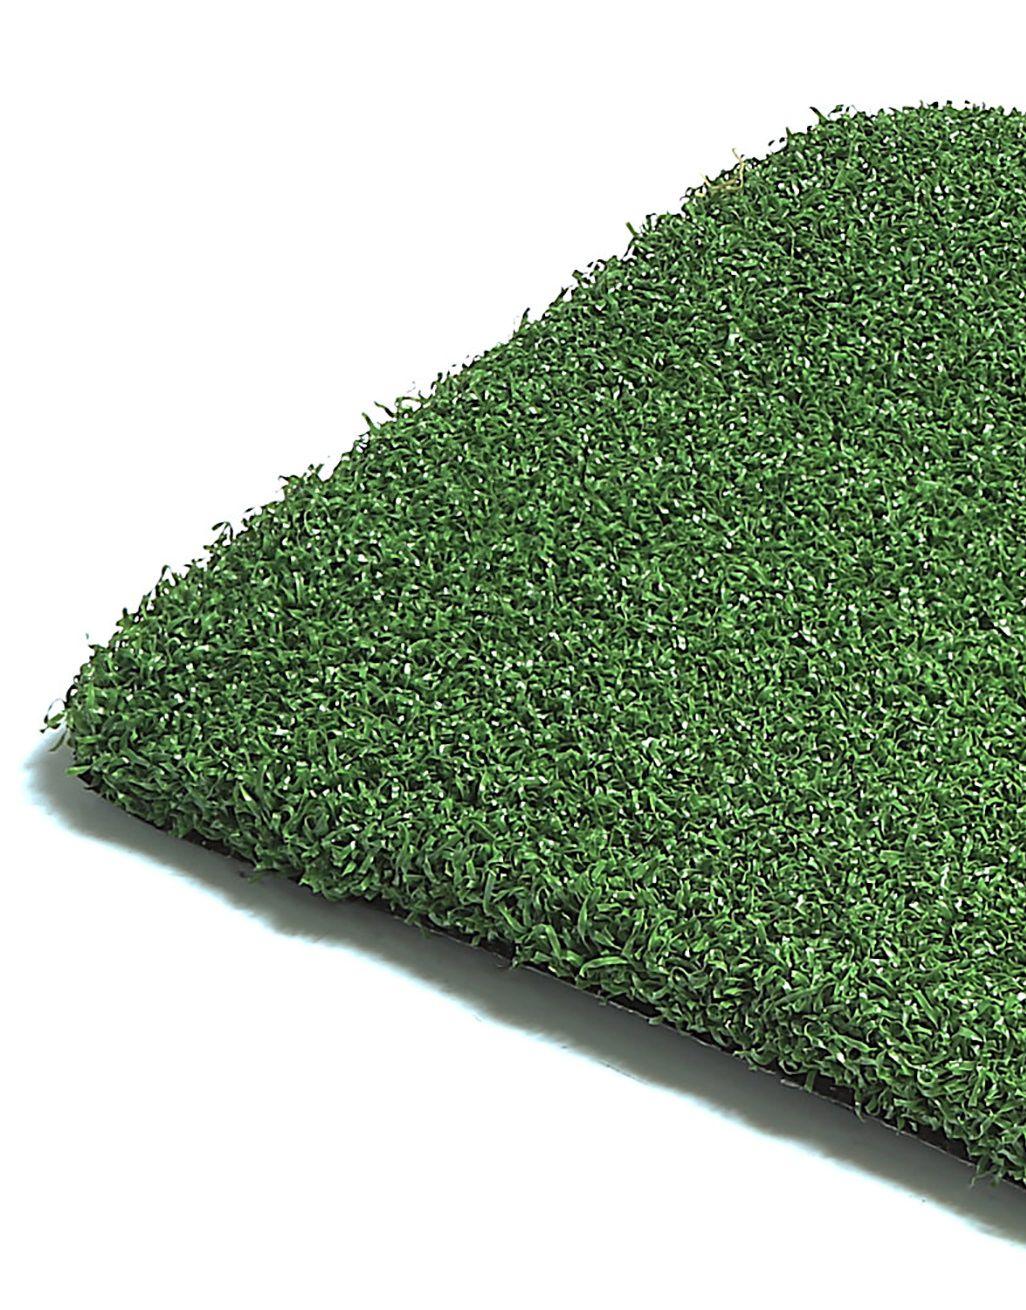 Putting Green Artificial Grass, Putting Green Garden Grass